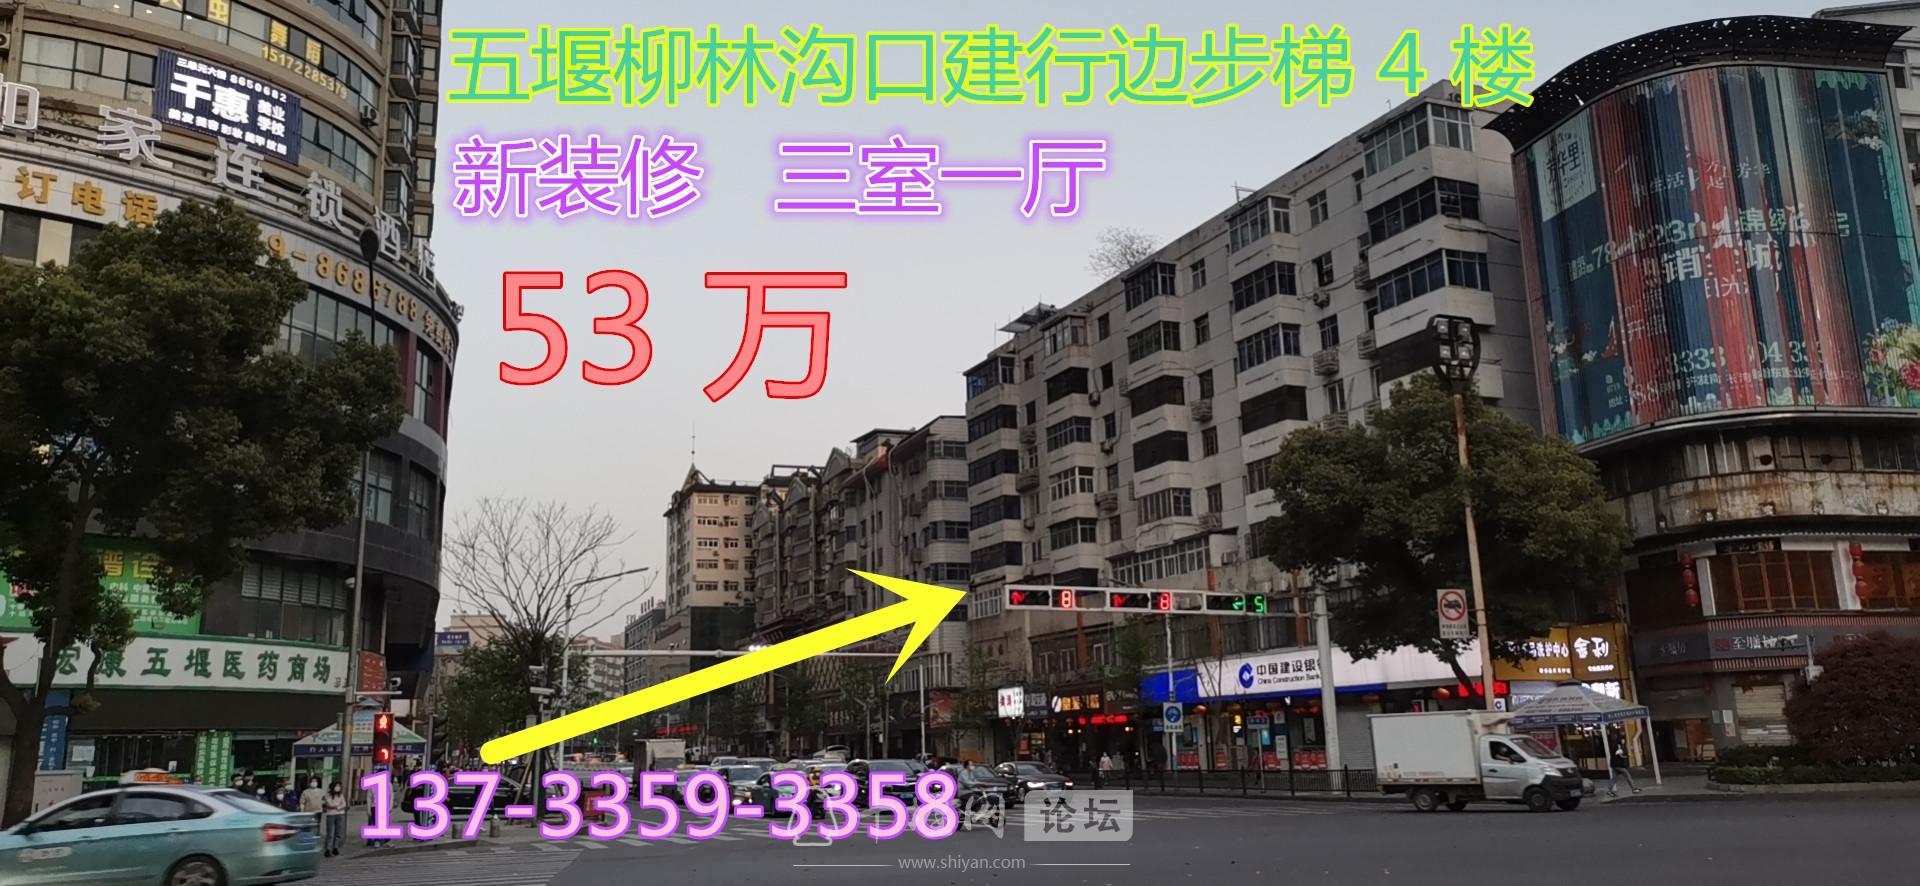 建行全景_副本.jpg